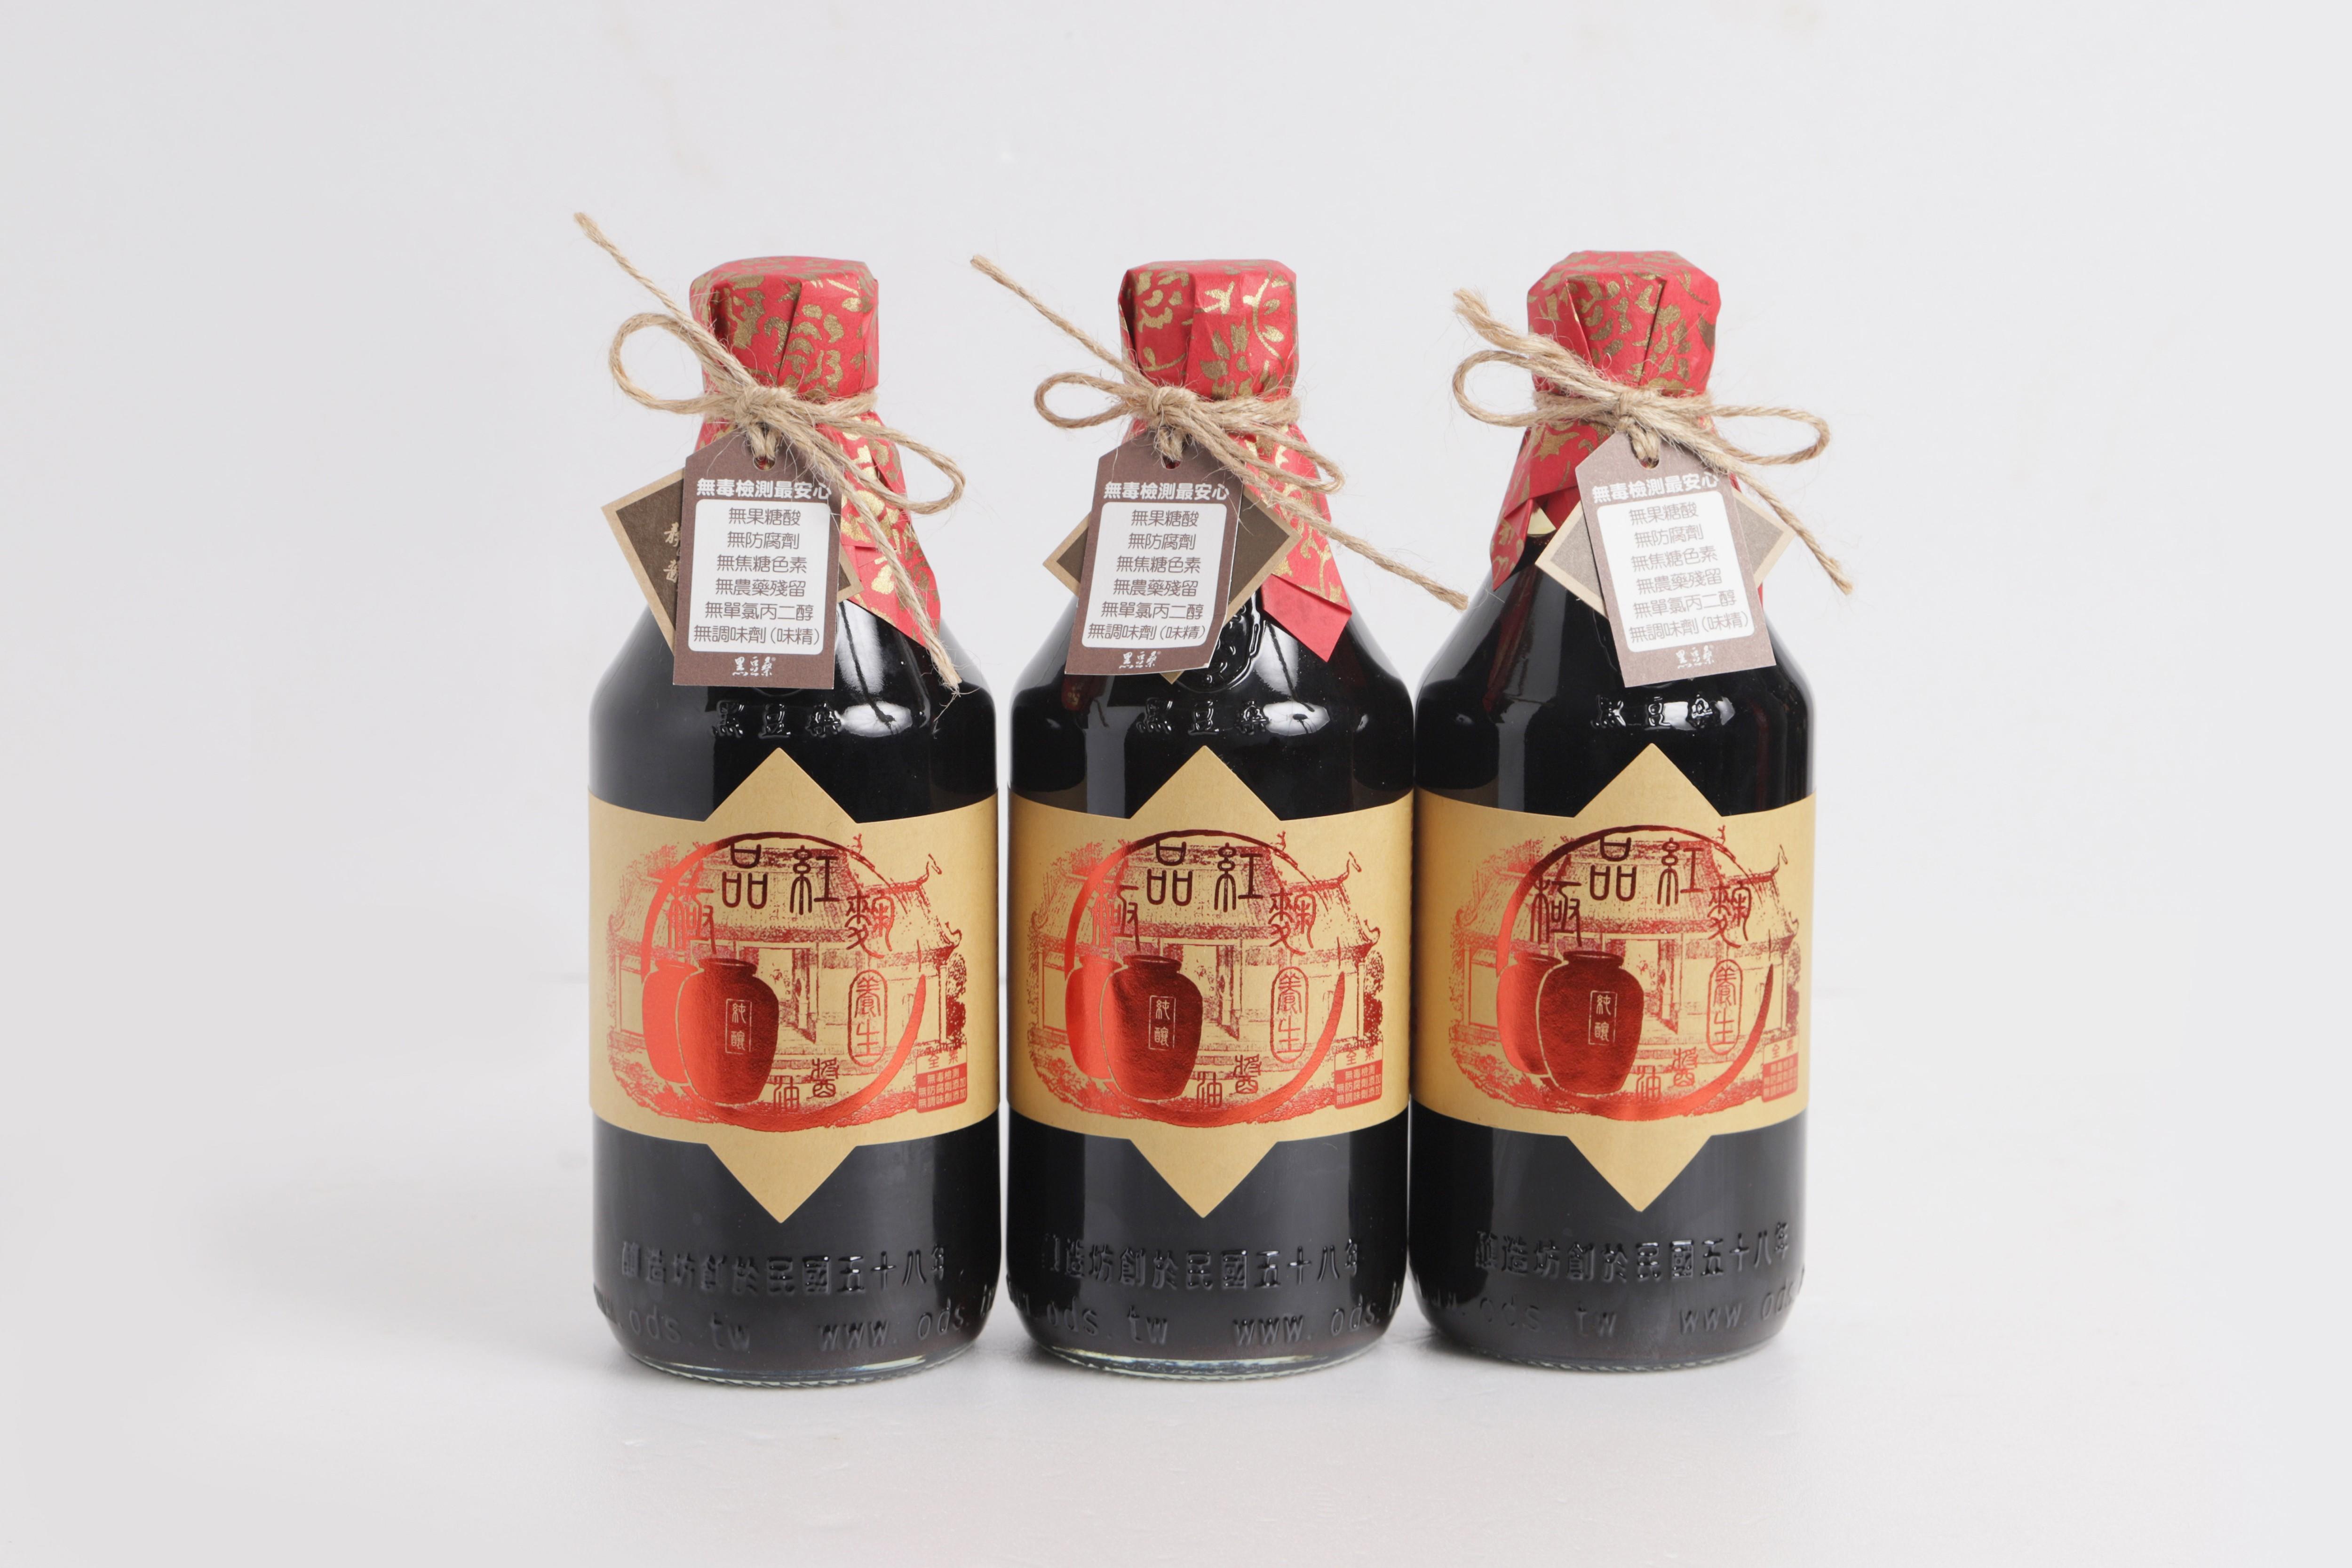 【黑豆桑】香醇紅麴組|紅麴醬油*3